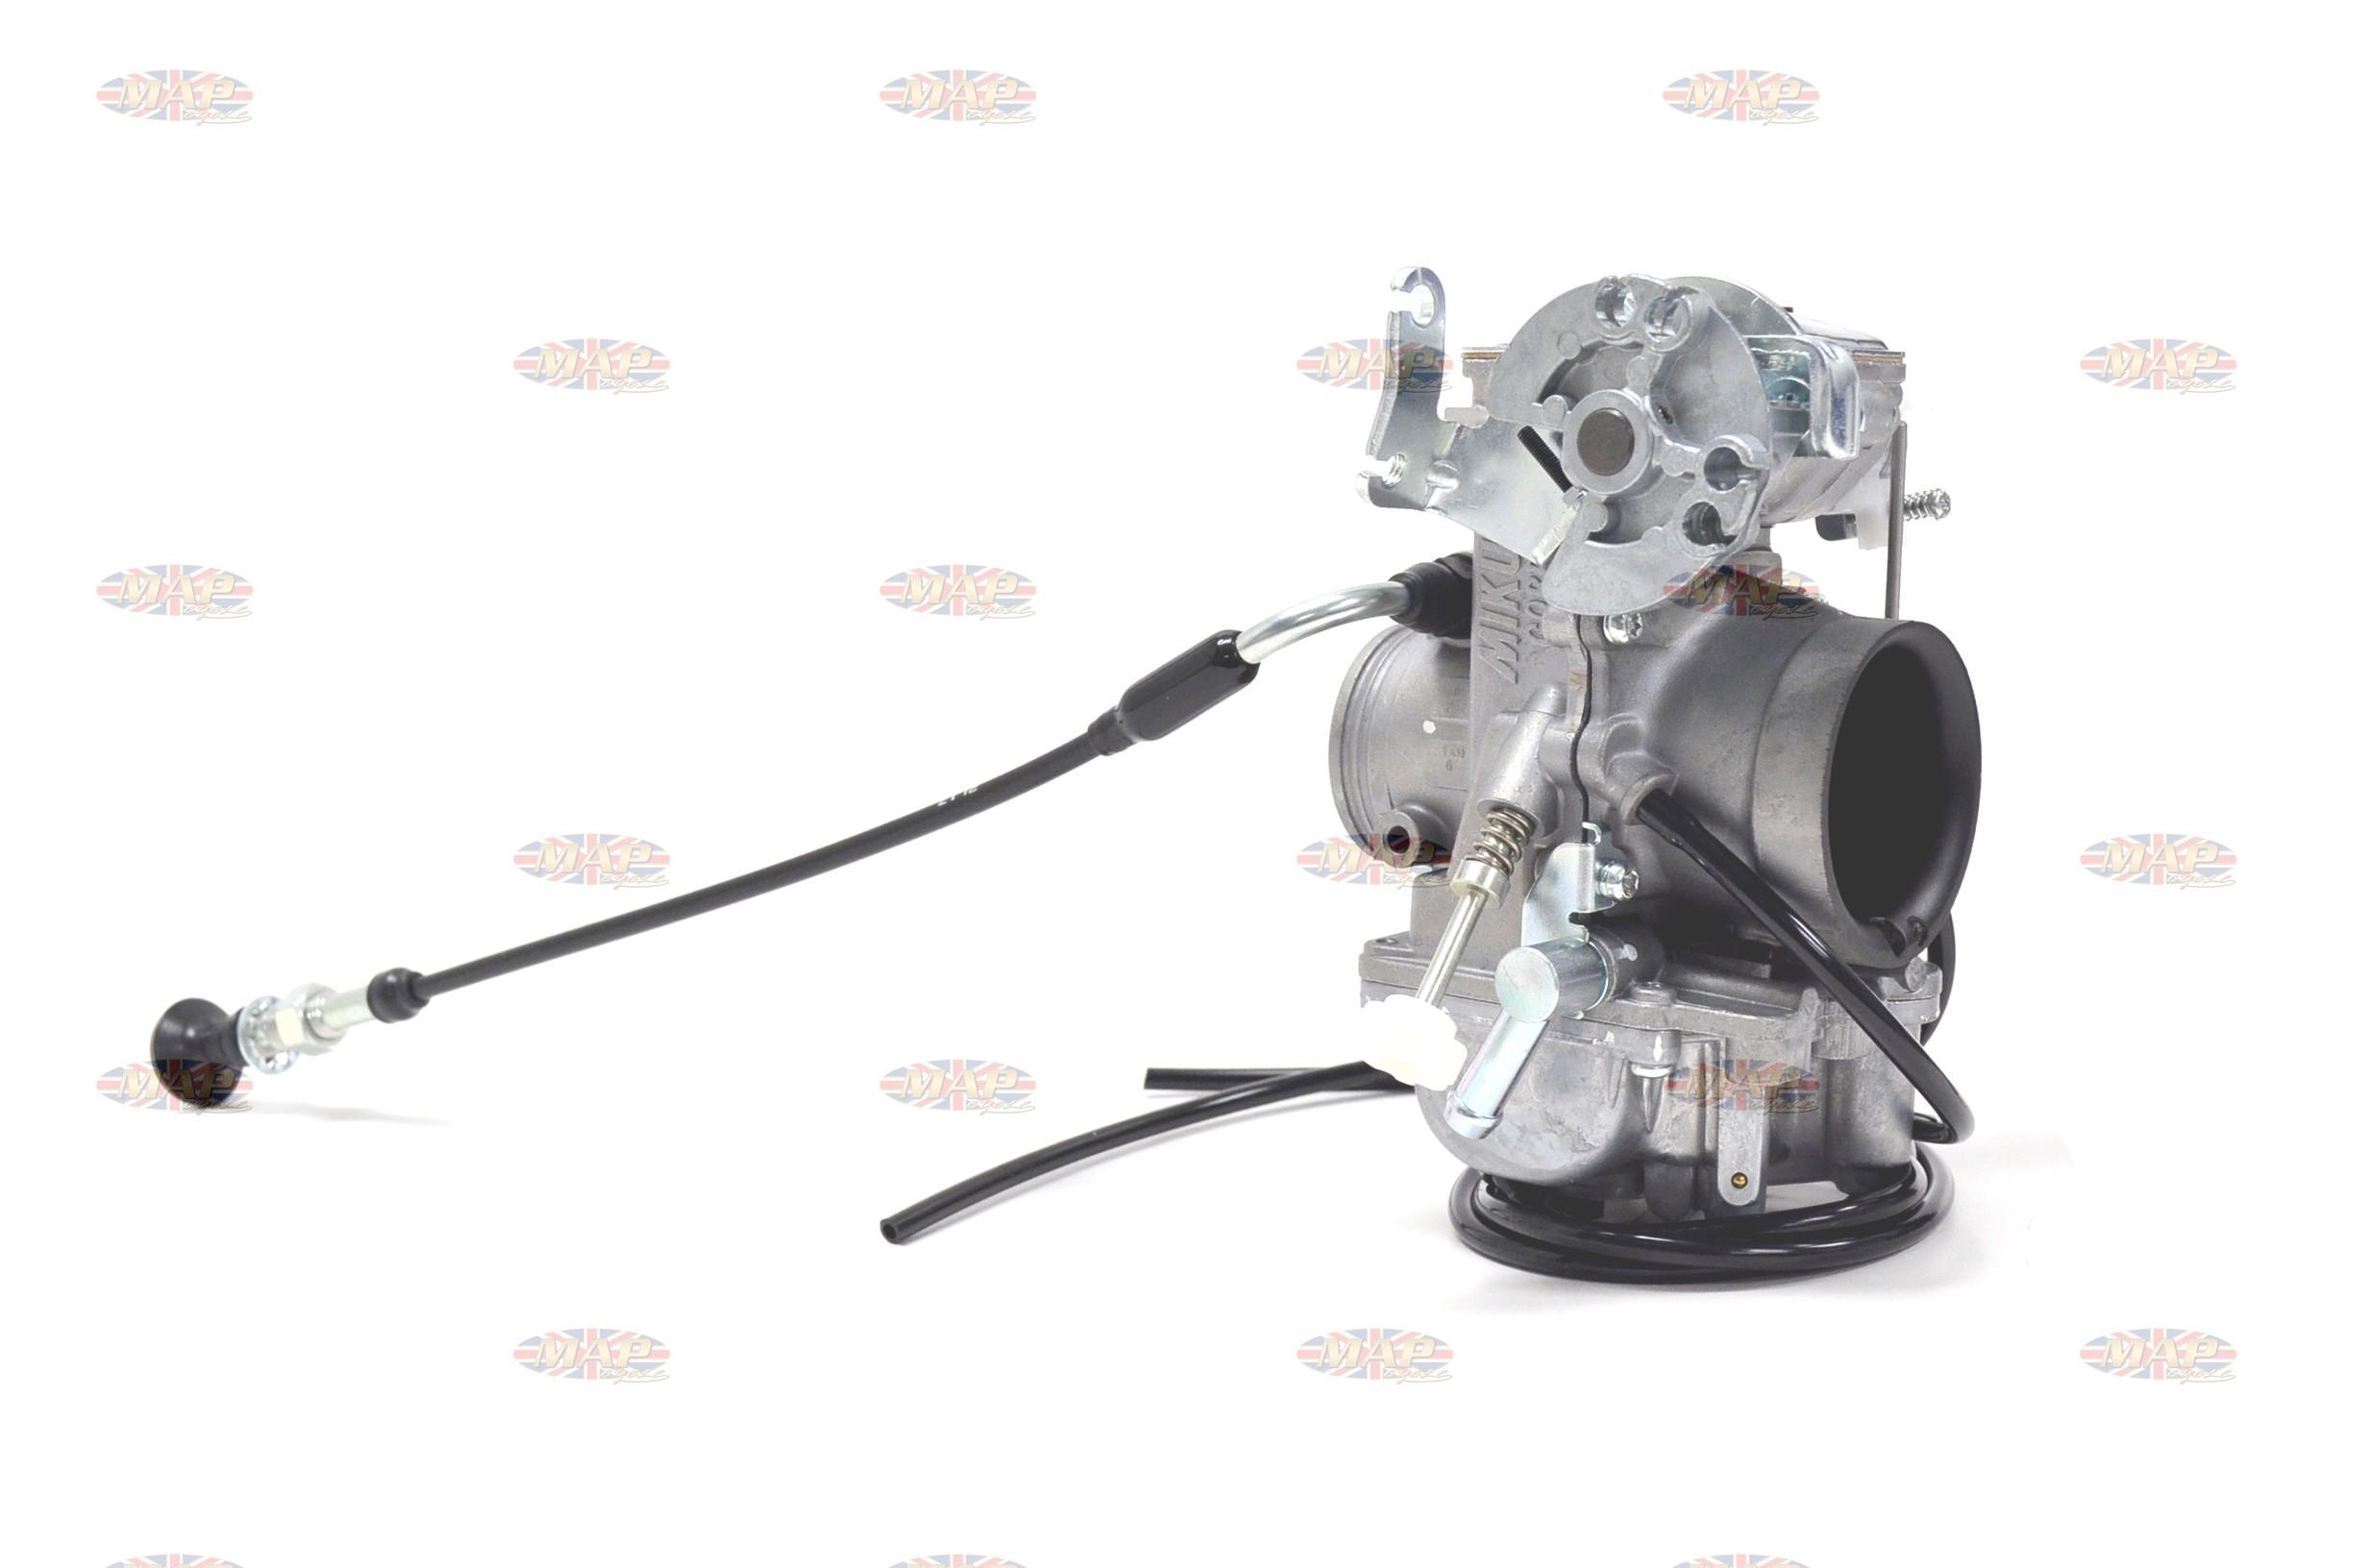 Mikuni TM40 Pumper Flat Slide 40mm Pumper Carburetor